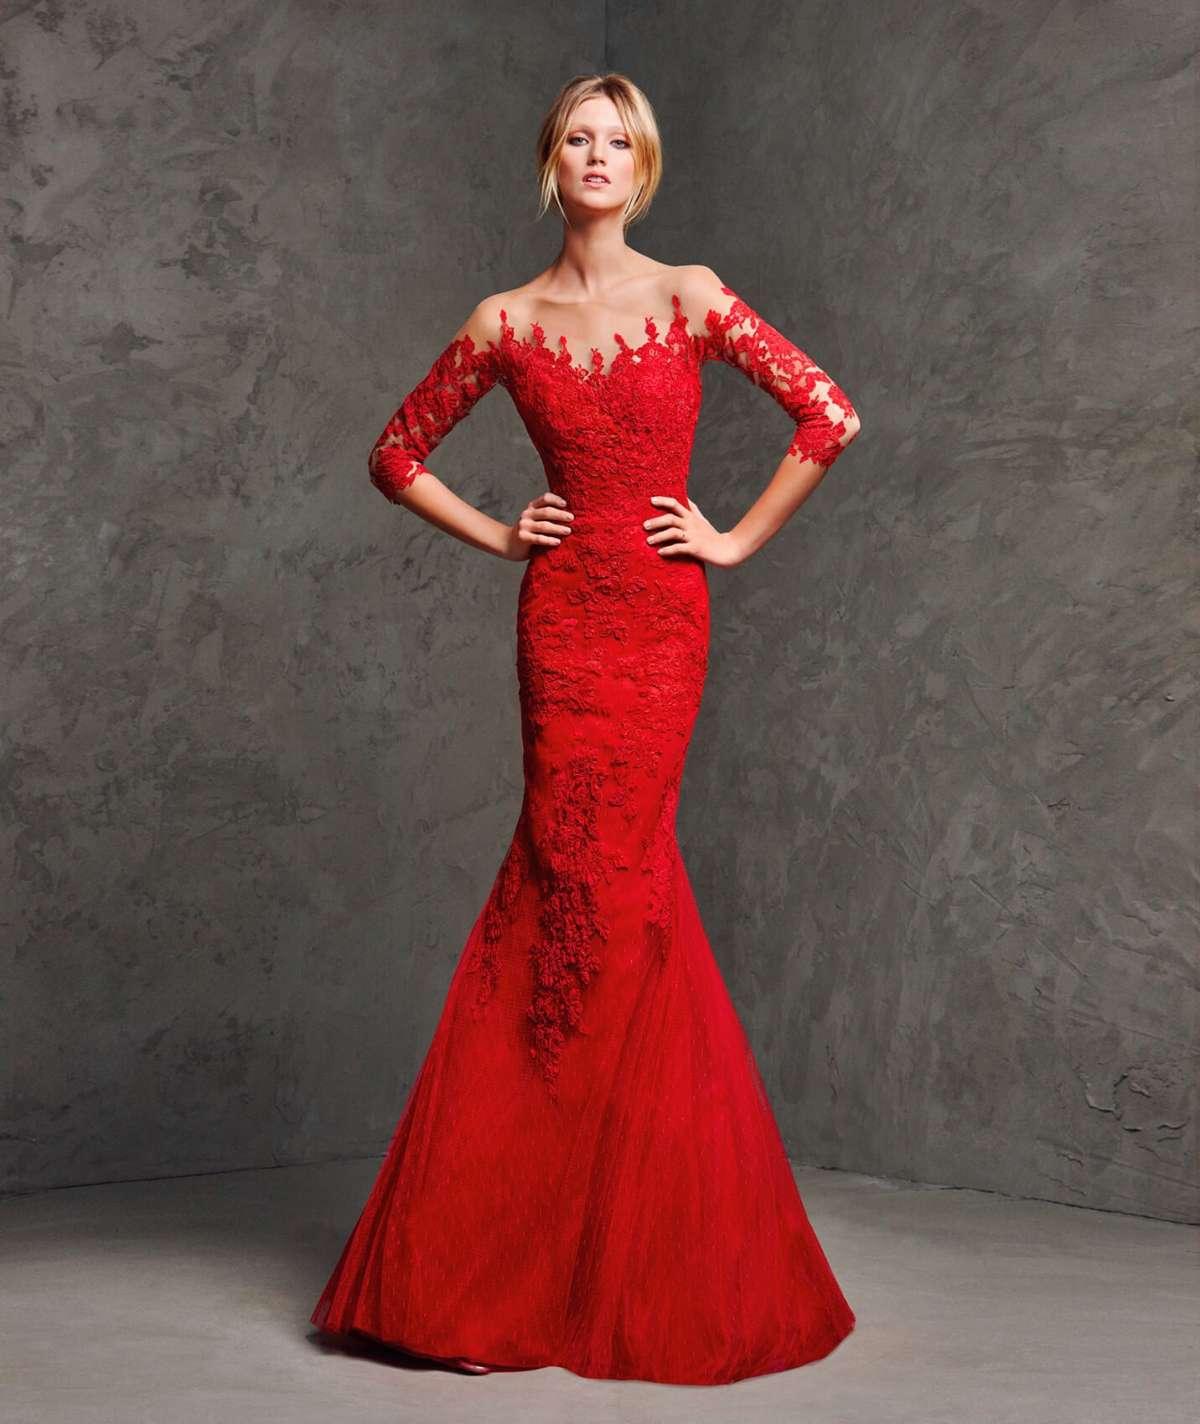 a8f372721dd3 abito rosso a sirena pronovias. Nelle collezioni di abiti da cerimonia ...